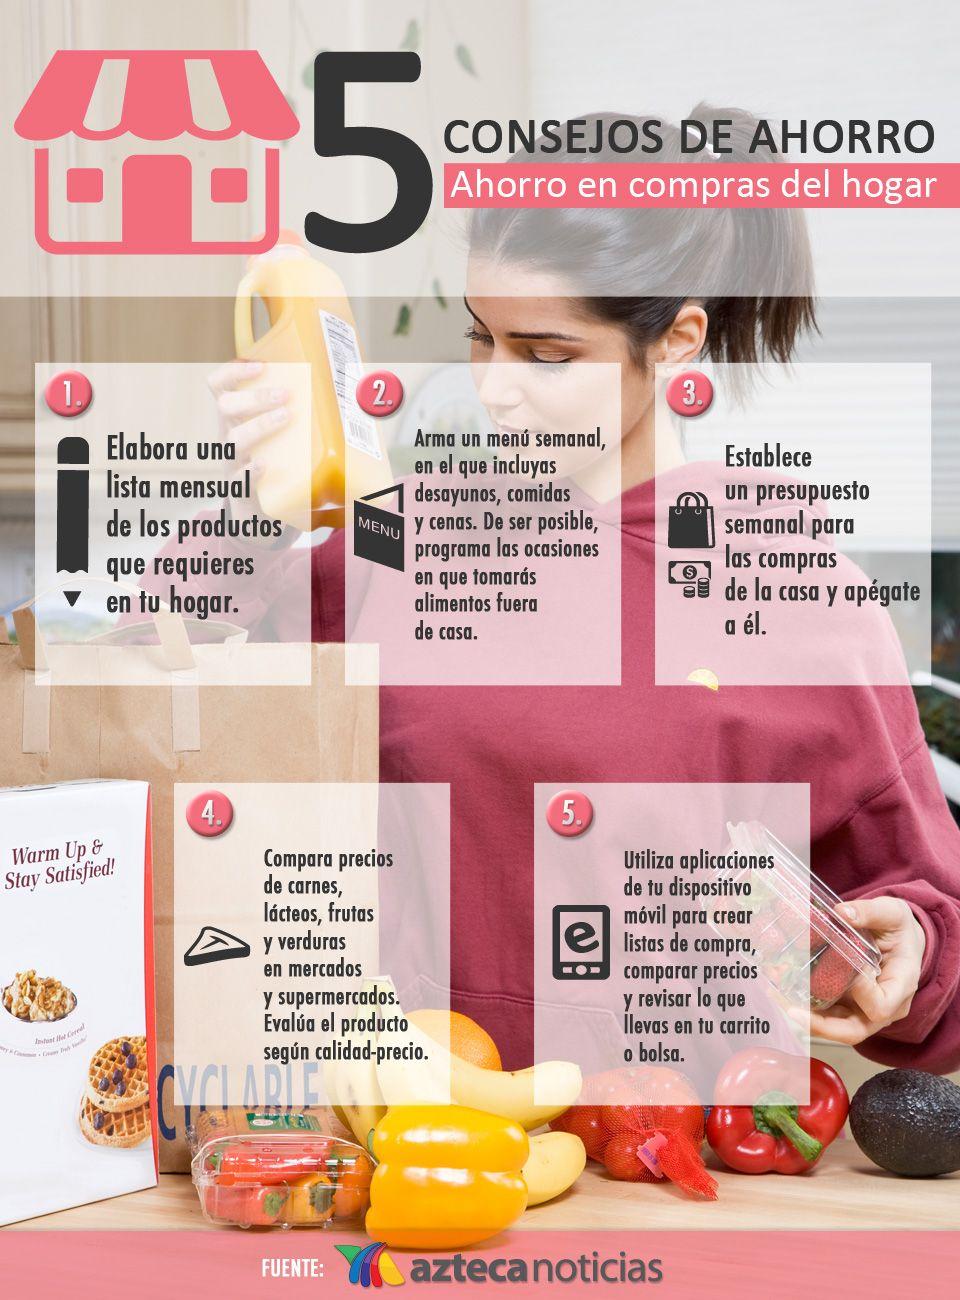 5 consejos de ahorro ahorro en compras del hogar - Ahorrar dinero en casa ...